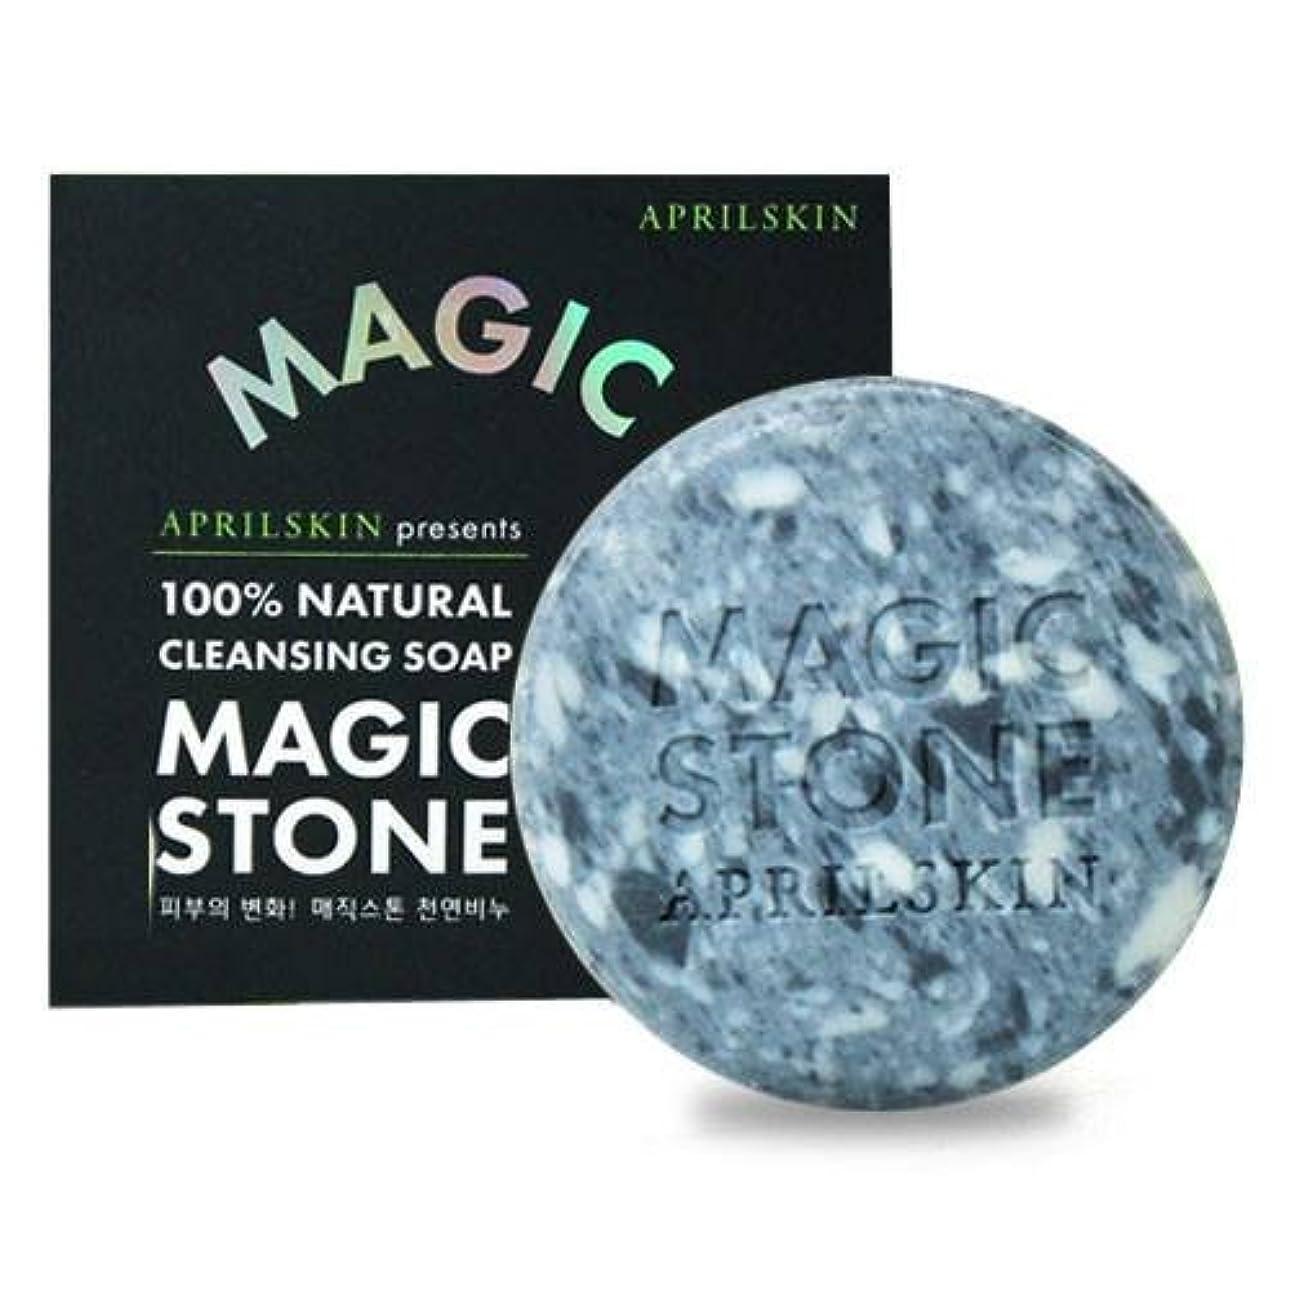 無秩序悪性の不名誉な[APRILSKIN] エイプリルスキン国民石鹸 (APRIL SKIN magic stone マジックストーンのリニューアルバージョン新発売) (ORIGINAL) [並行輸入品]